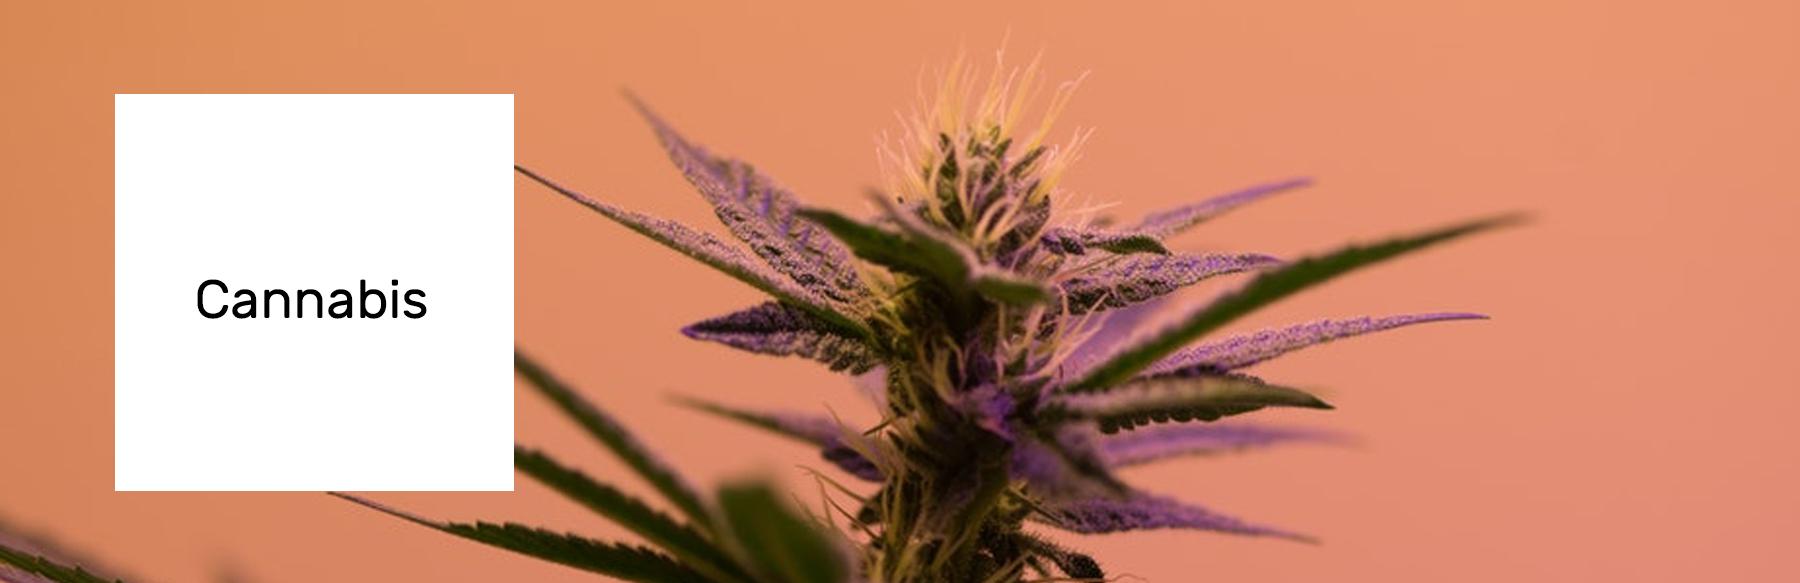 cannabis_xp.jpg